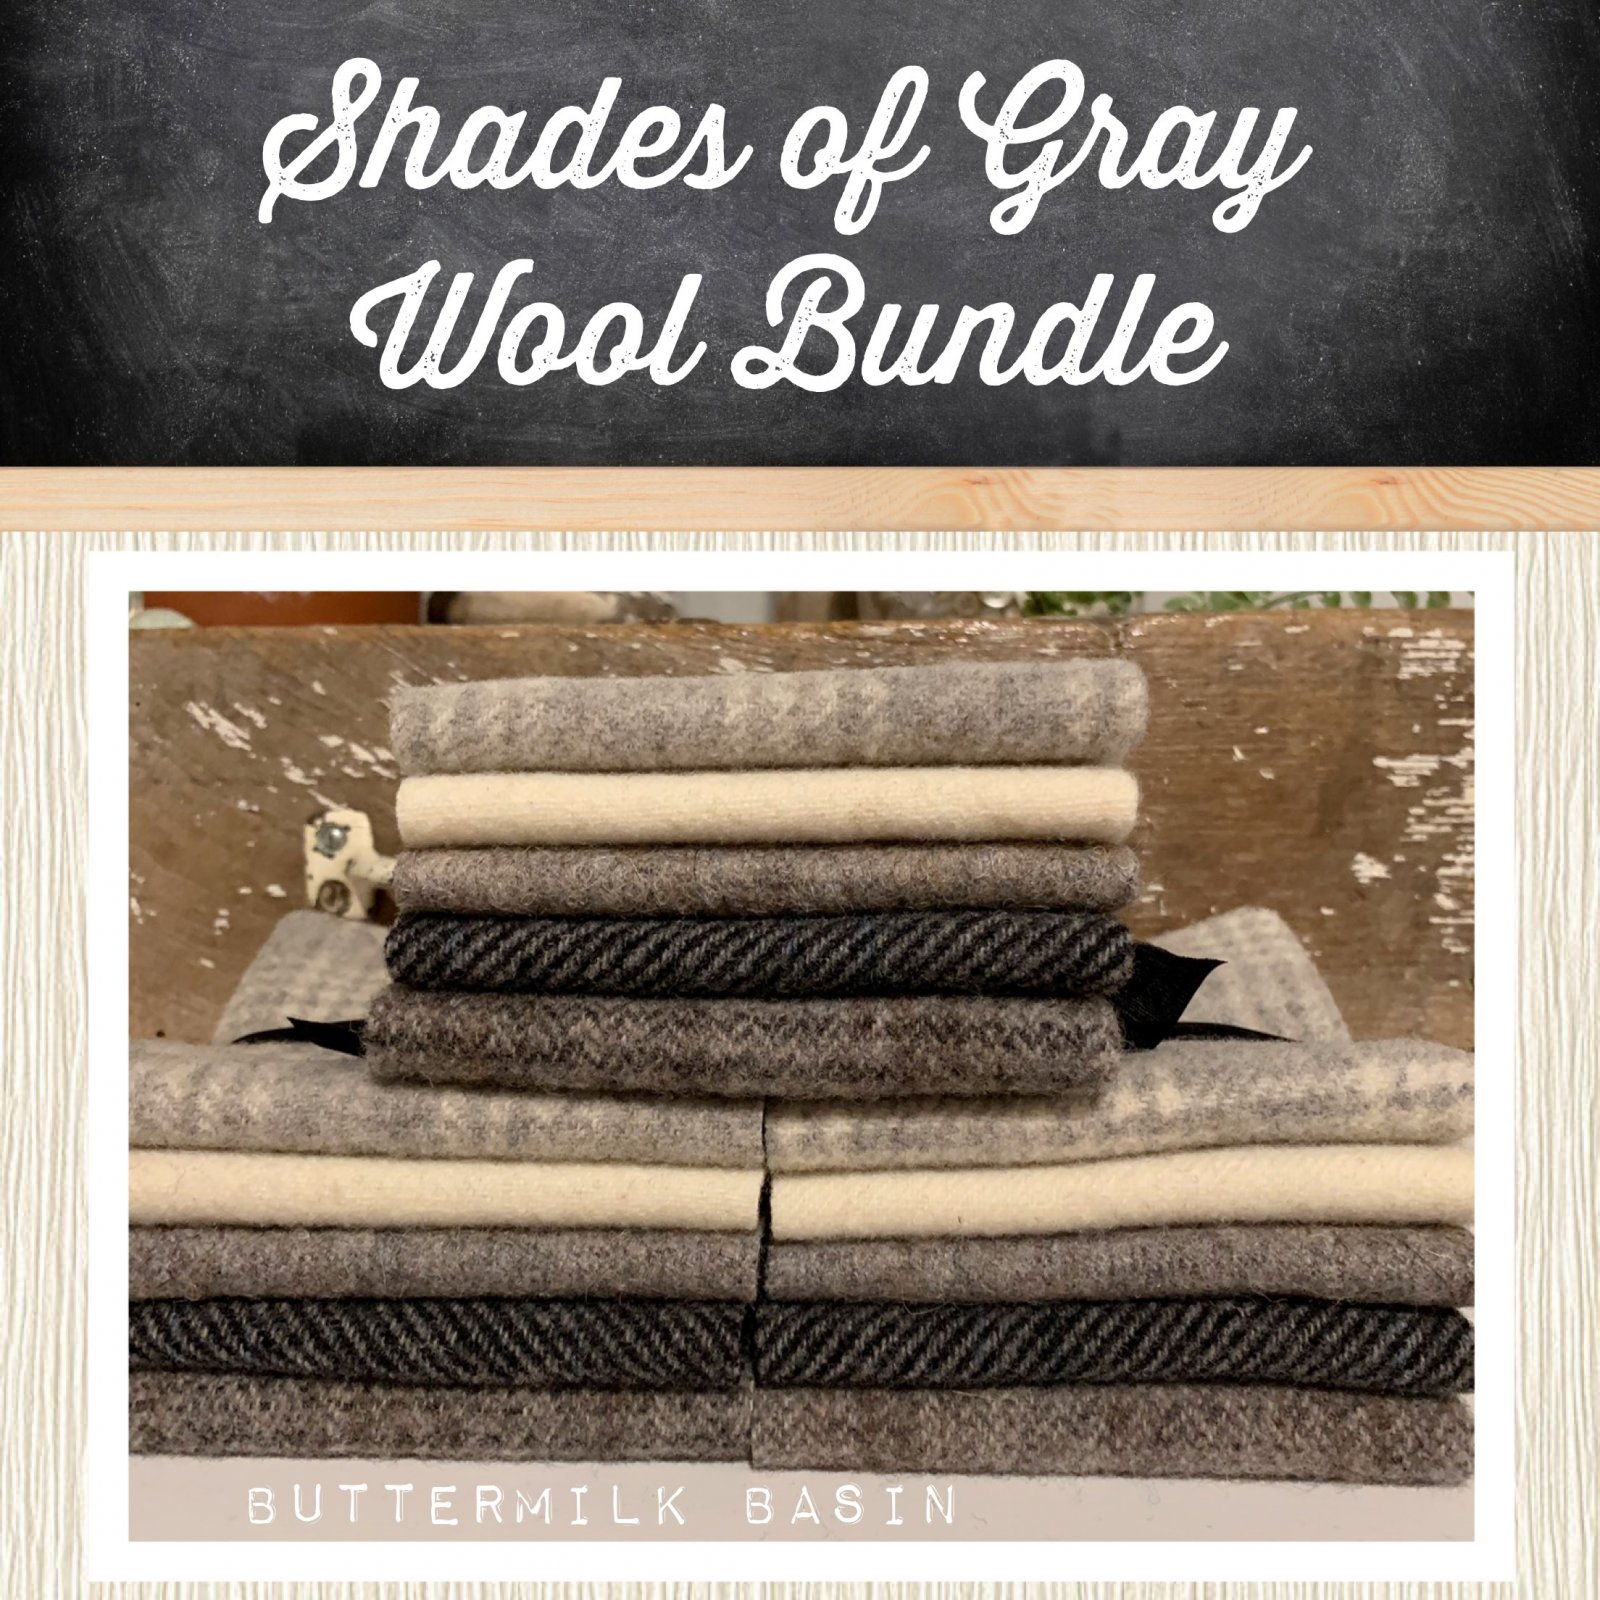 Shades of Gray Wool Bundle